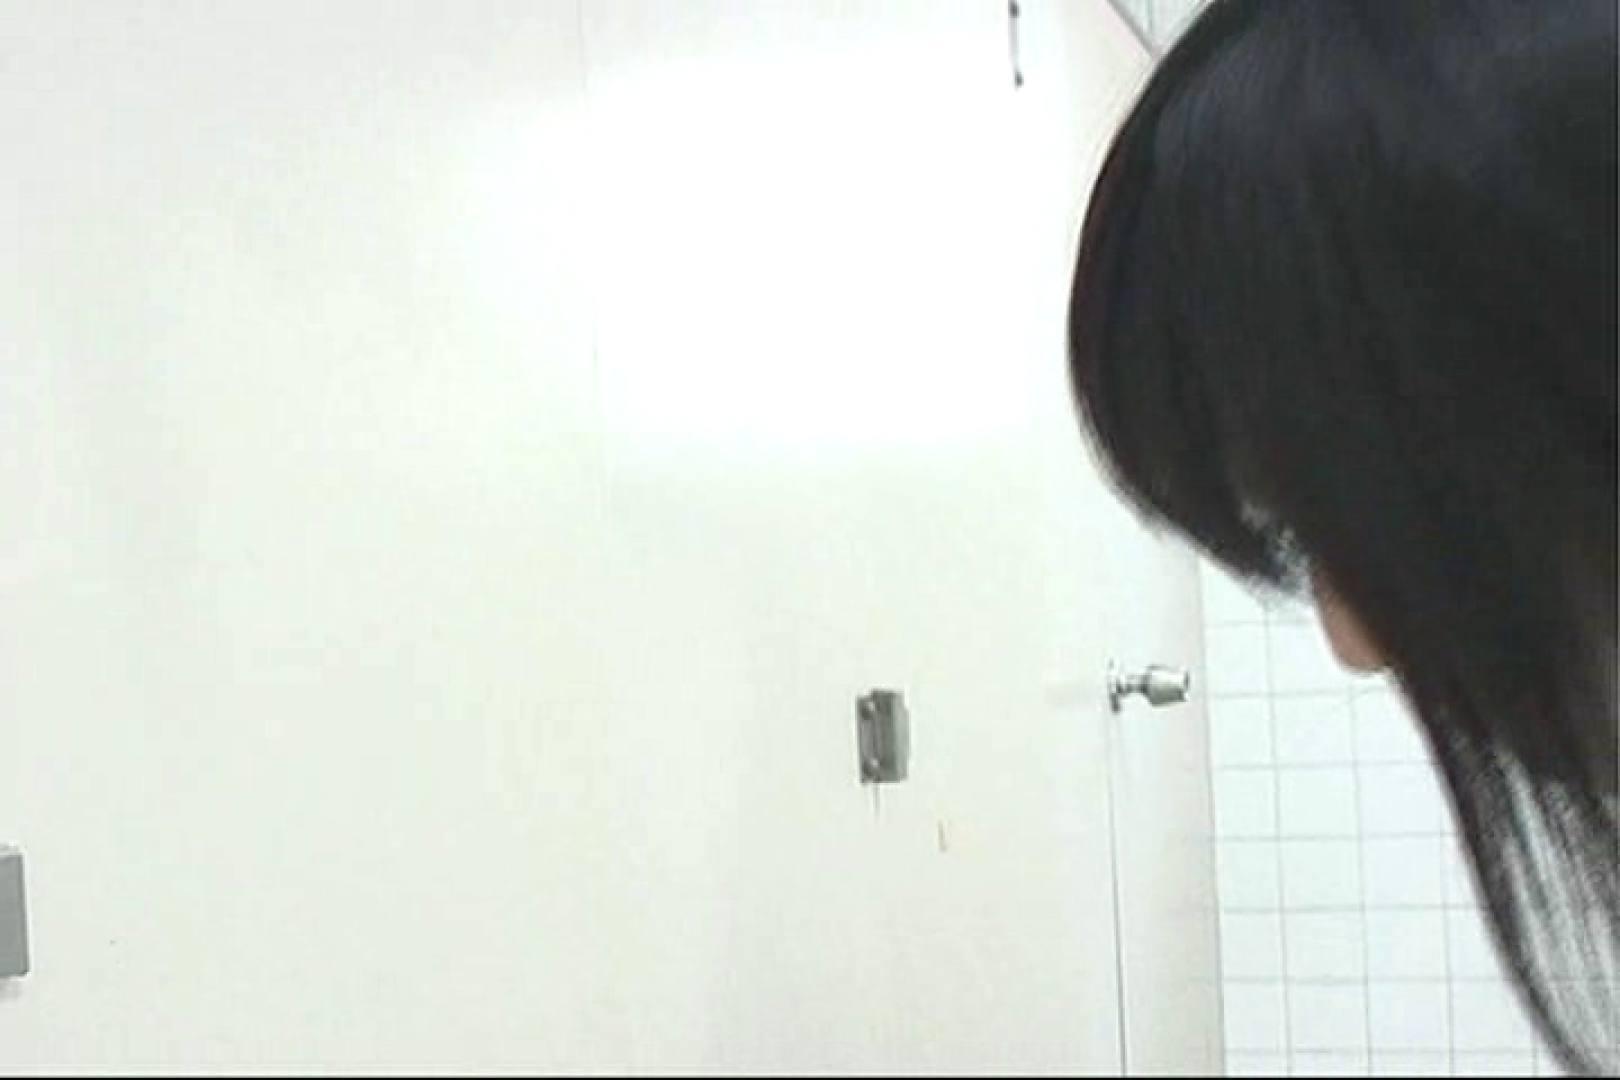 雑居ビル洗面所只今使用禁止中!Vol.4 ギャルエロ画像 おめこ無修正動画無料 98PICs 5